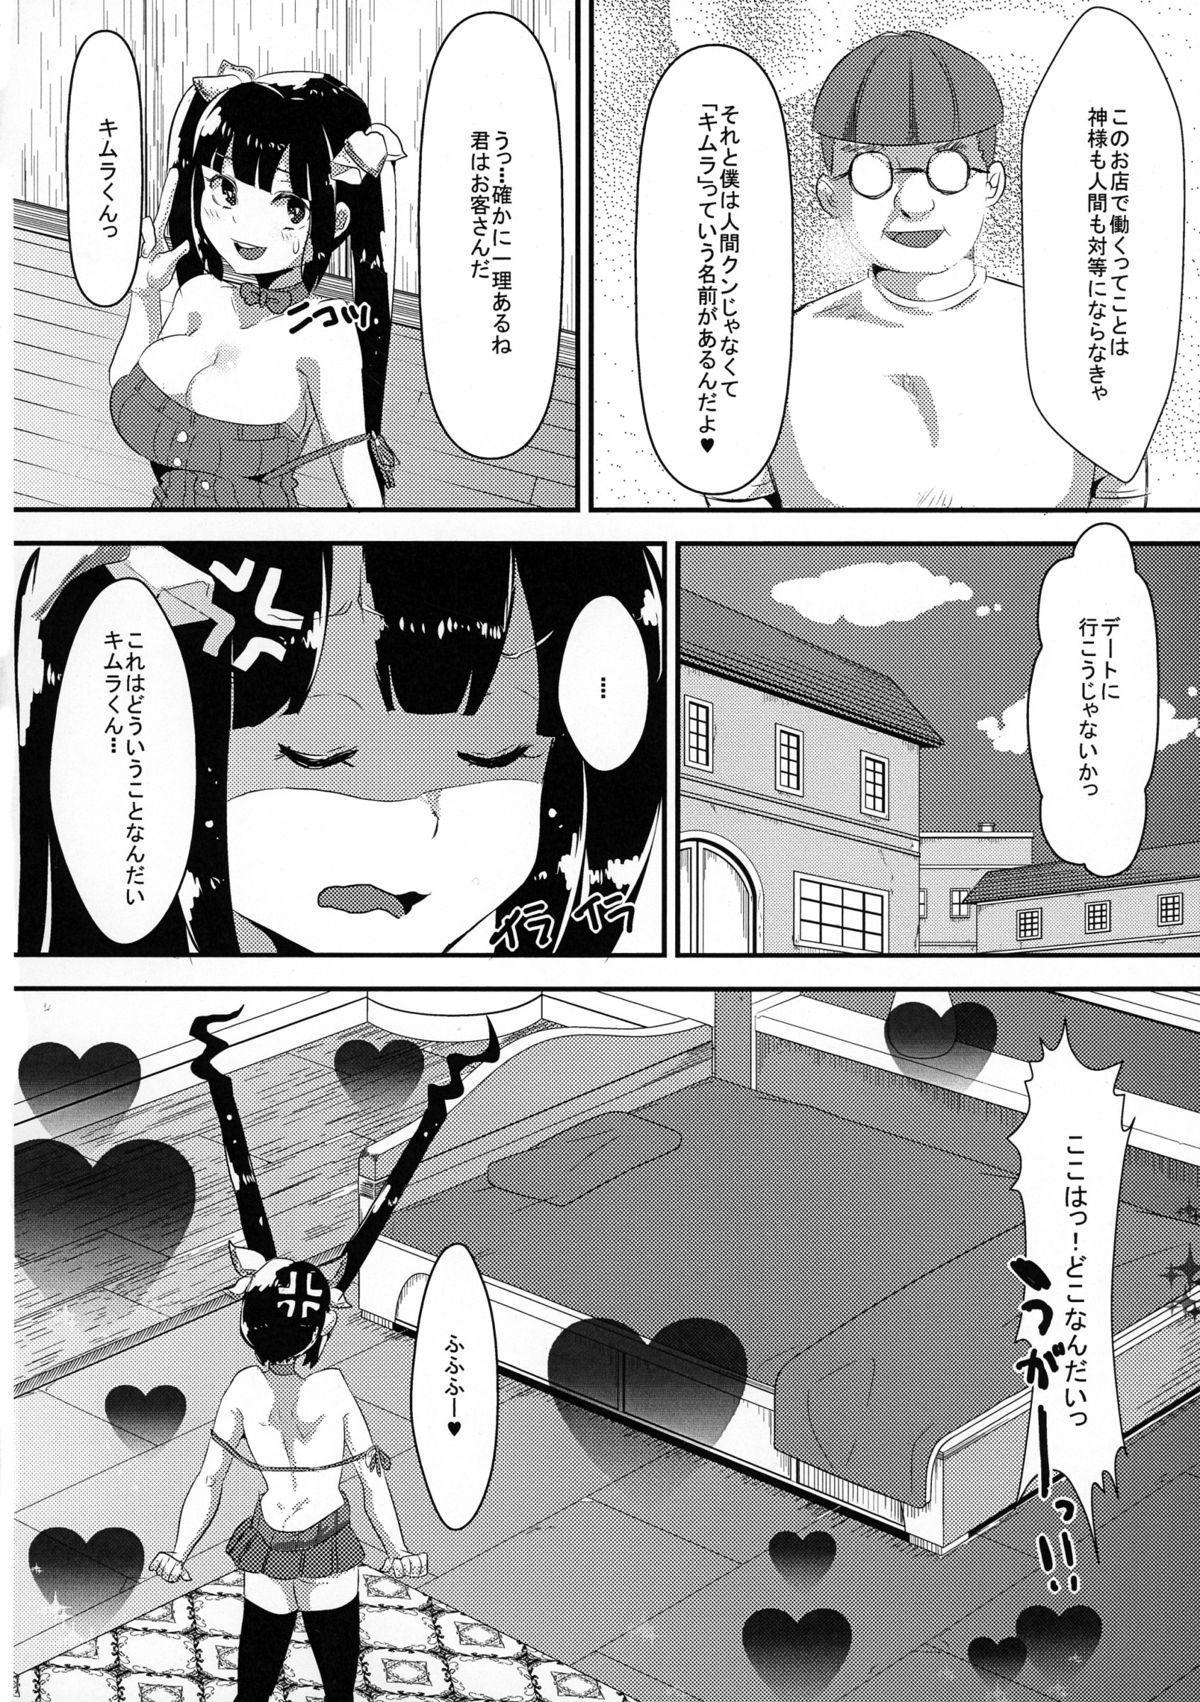 Kamisama ga Seikatsu hi o kasegu Tame ni Ikenai Baito o suru no wa Machigatteiru Darou ka 9